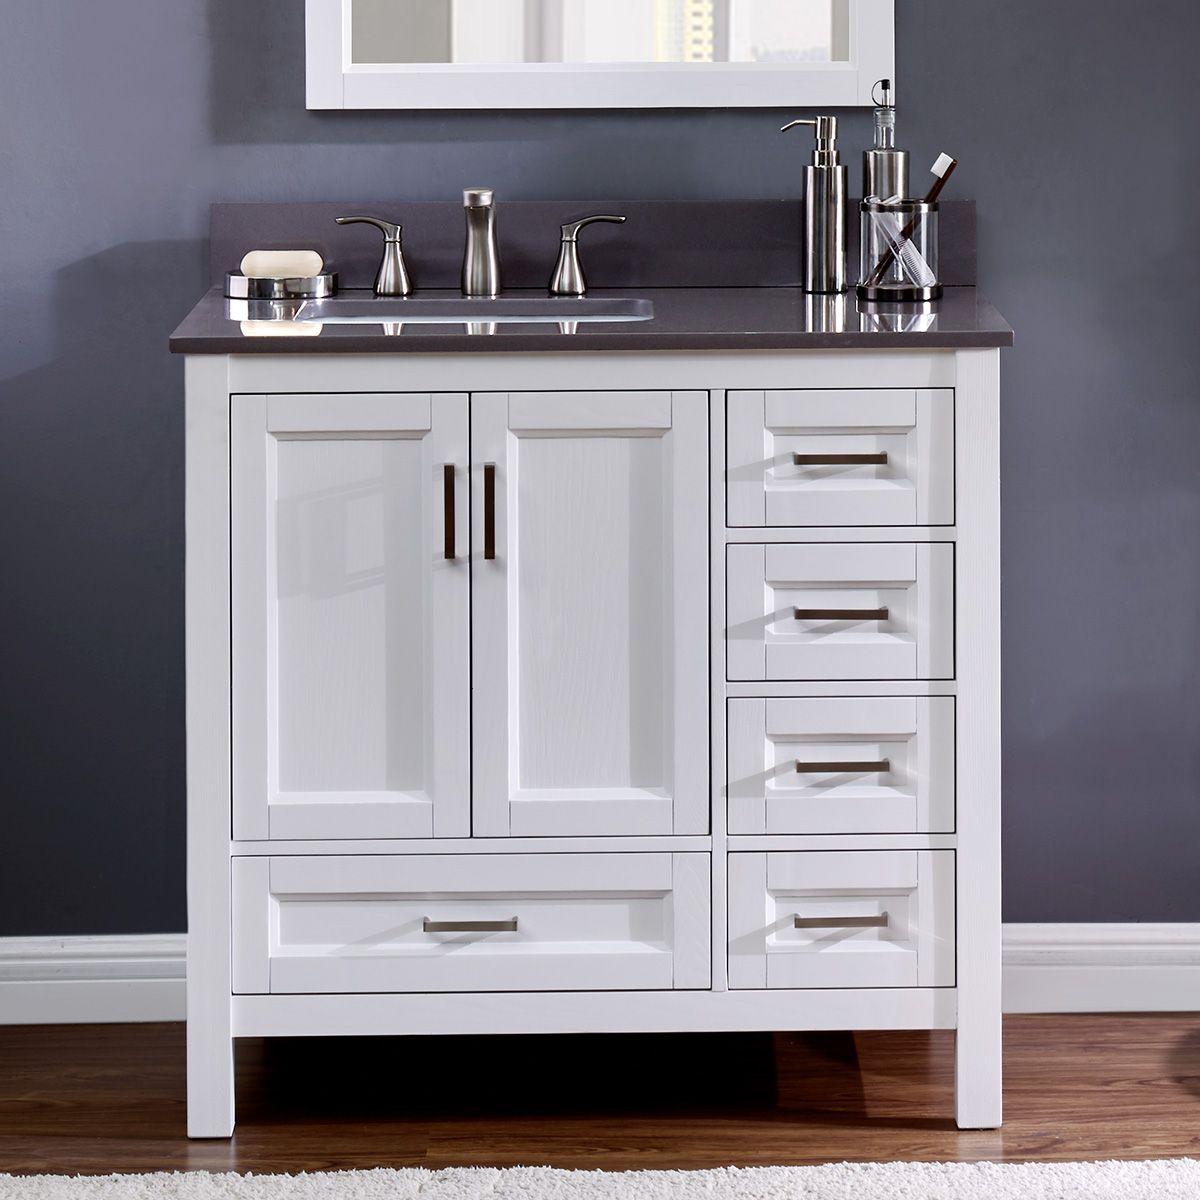 Durham 36 Inch Bathroom Sink Vanity Single Sink Bathroom Vanity Single Sink Vanity